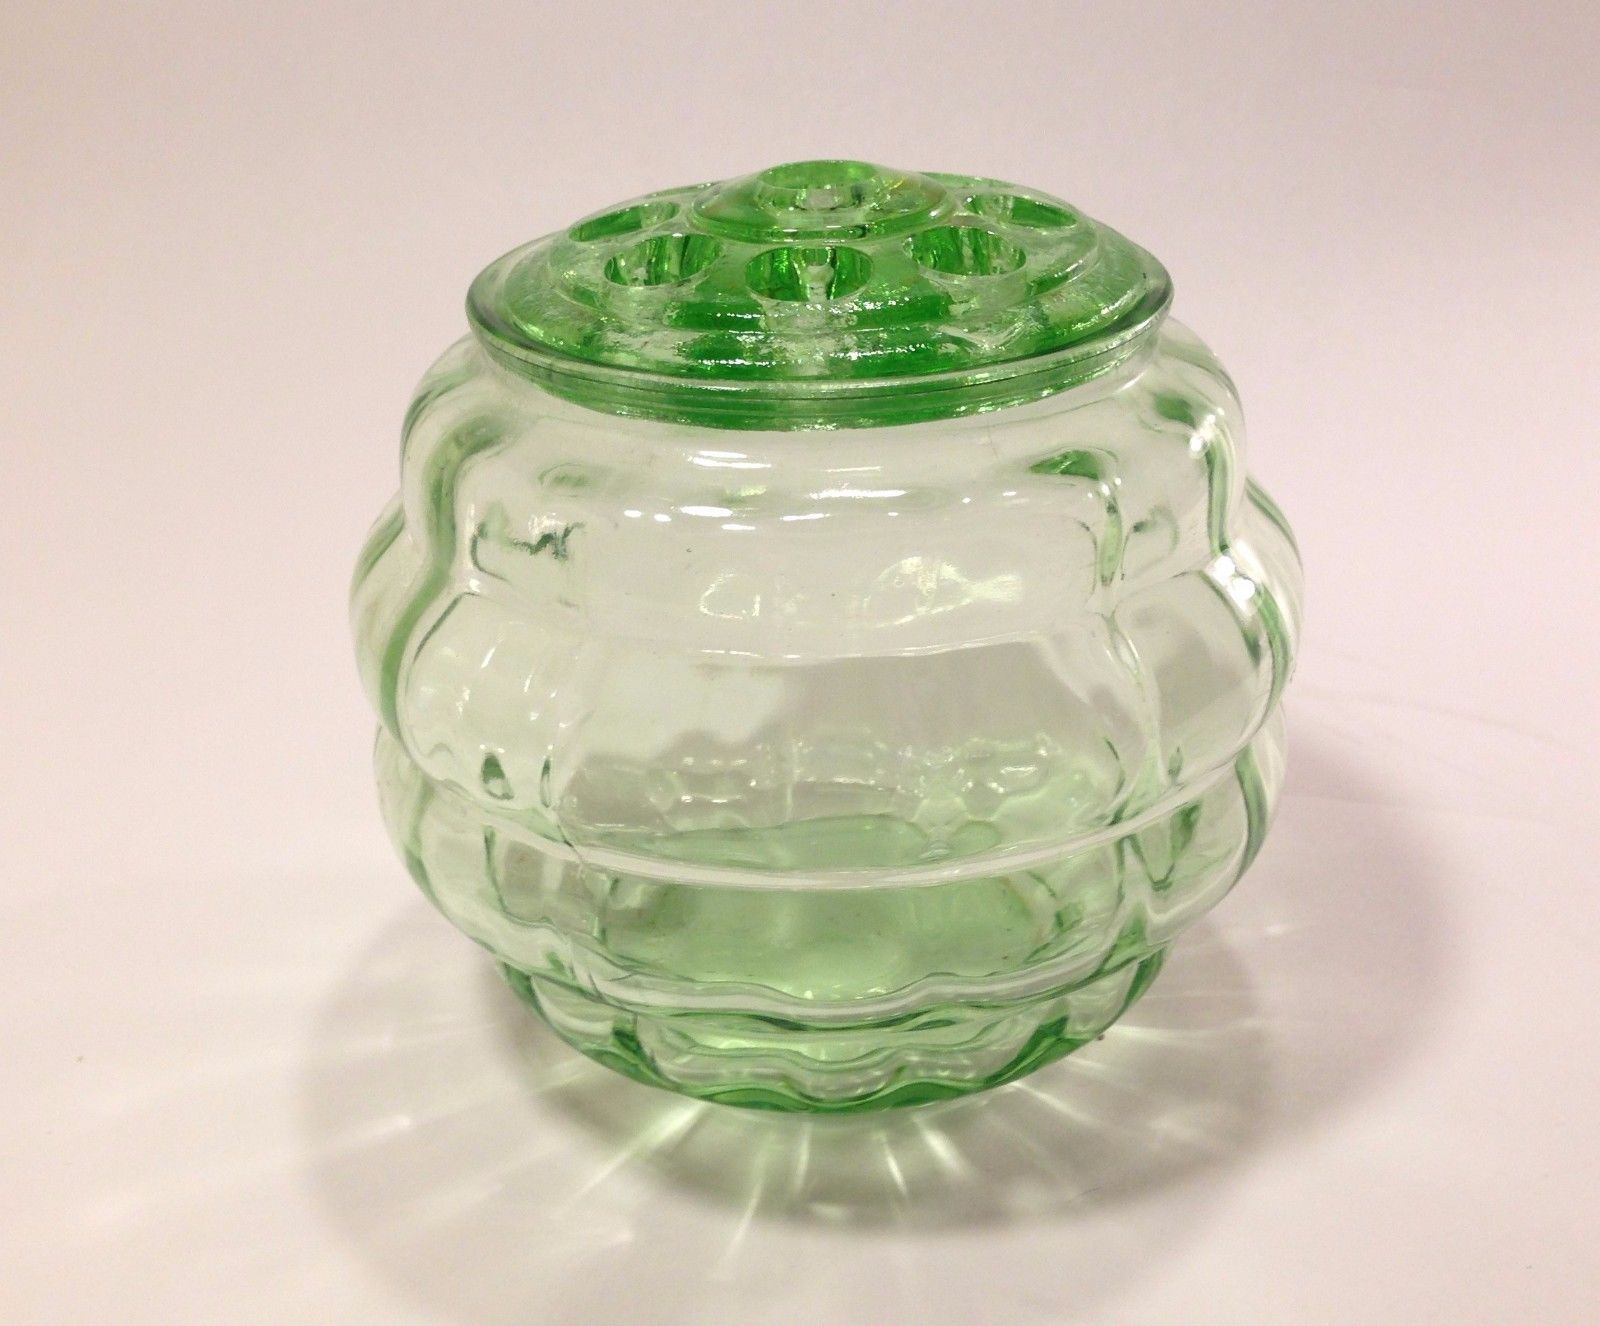 Vintage green depression glass vase bowl flower frog 3 58 9 vintage green depression glass vase bowl flower frog 3 58 9 holes optic reviewsmspy